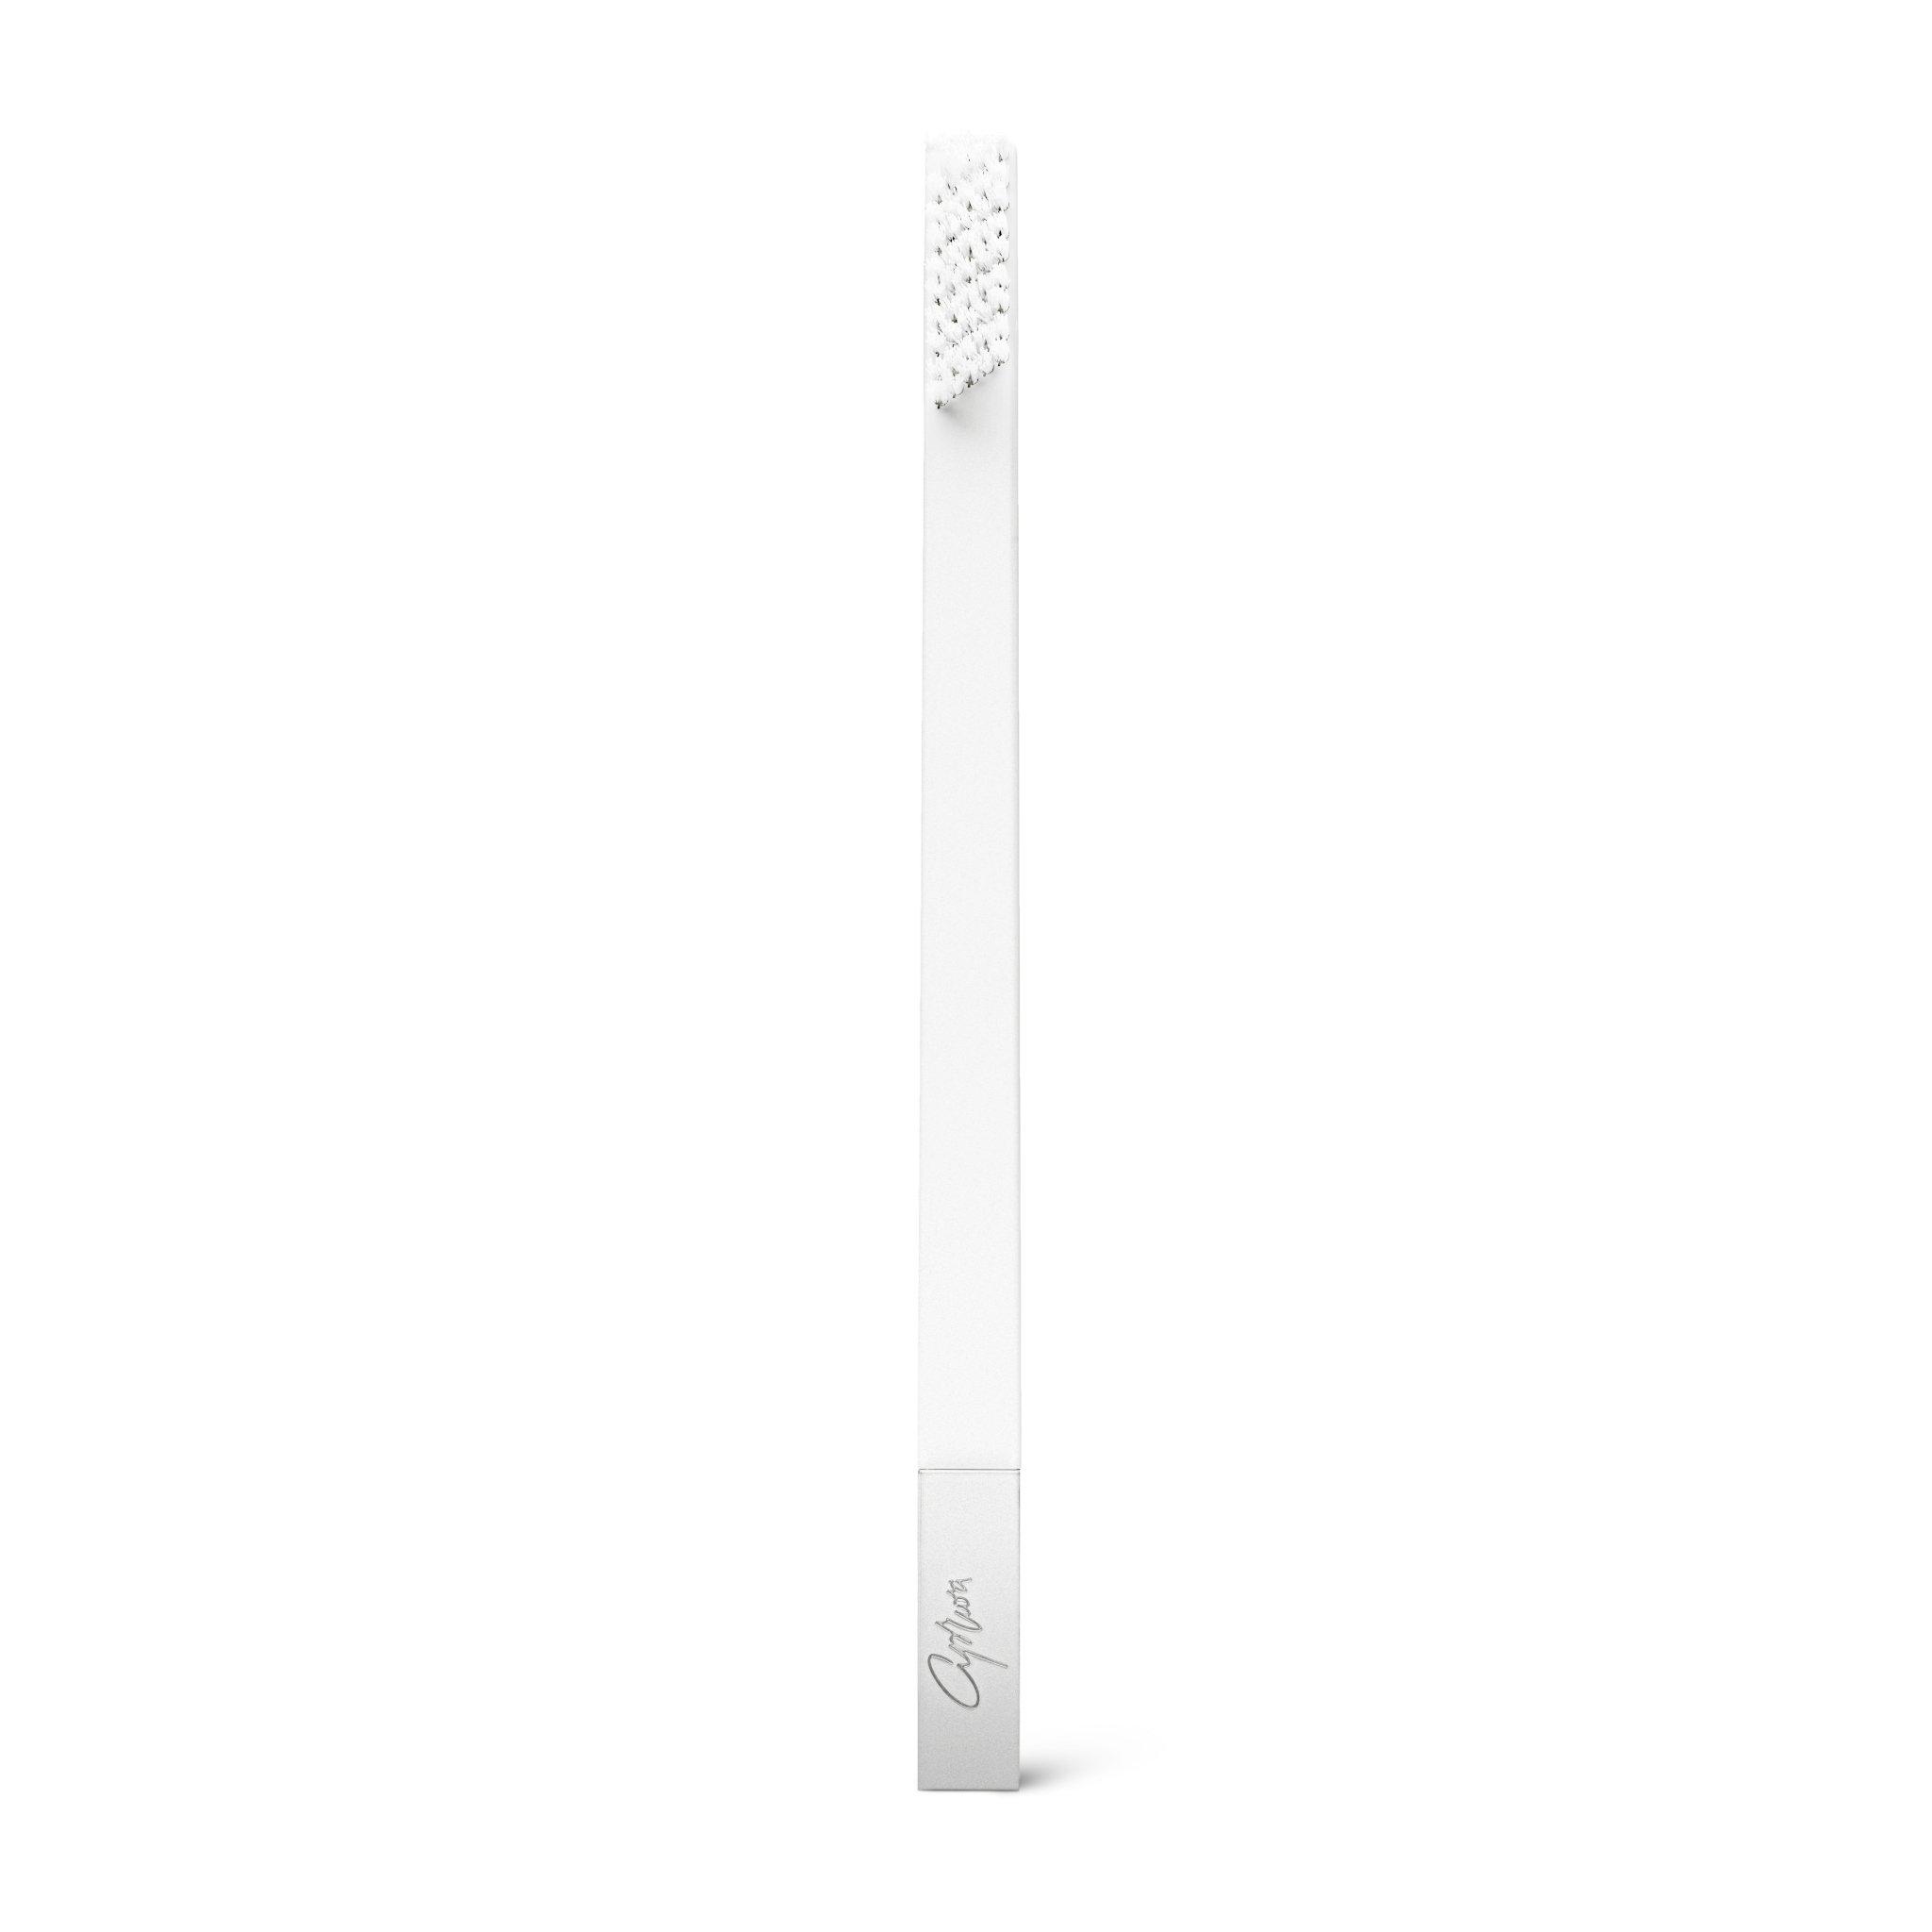 Дизайнерская белая зубная щетка SLIM by Apriori с серебром